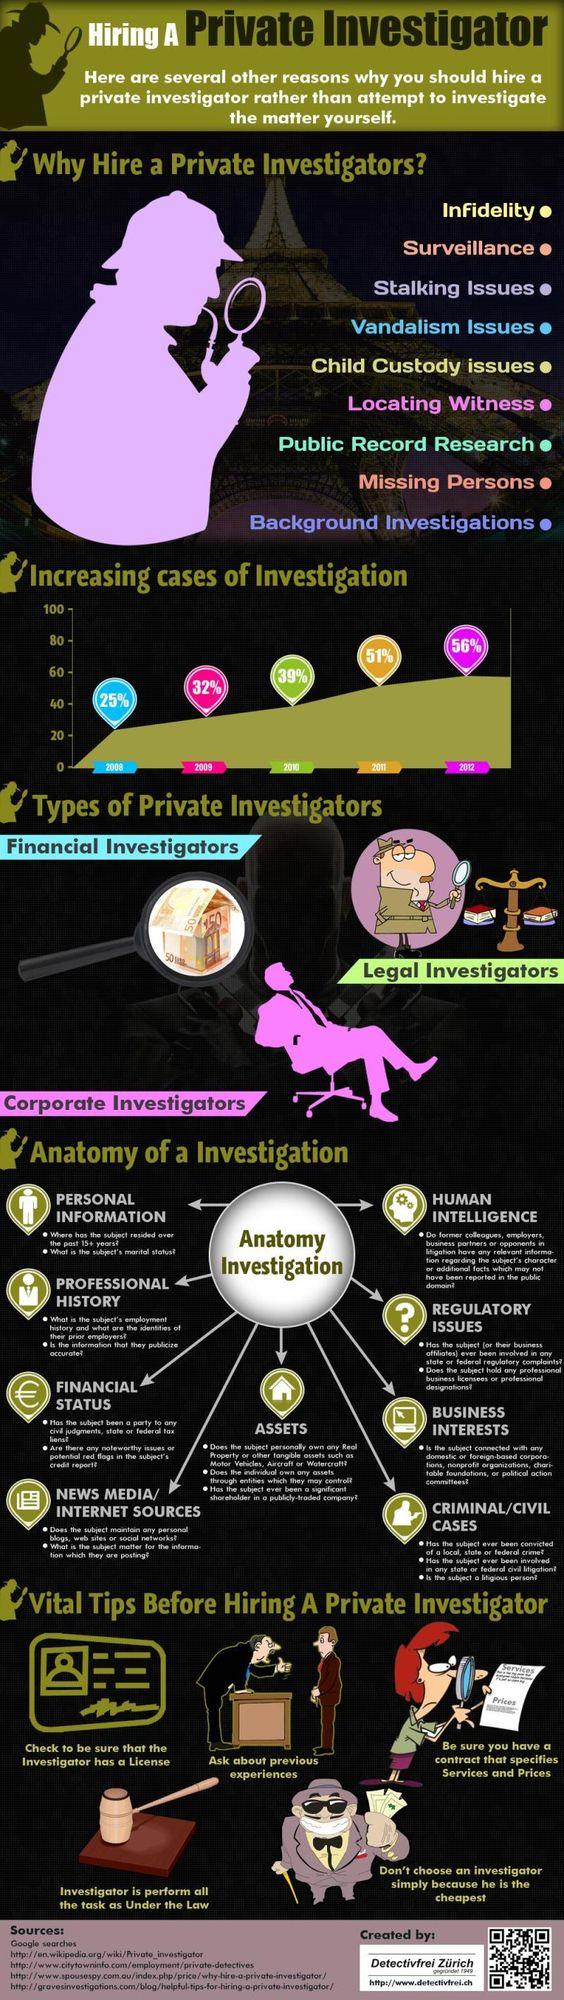 Hire A Private Investigator